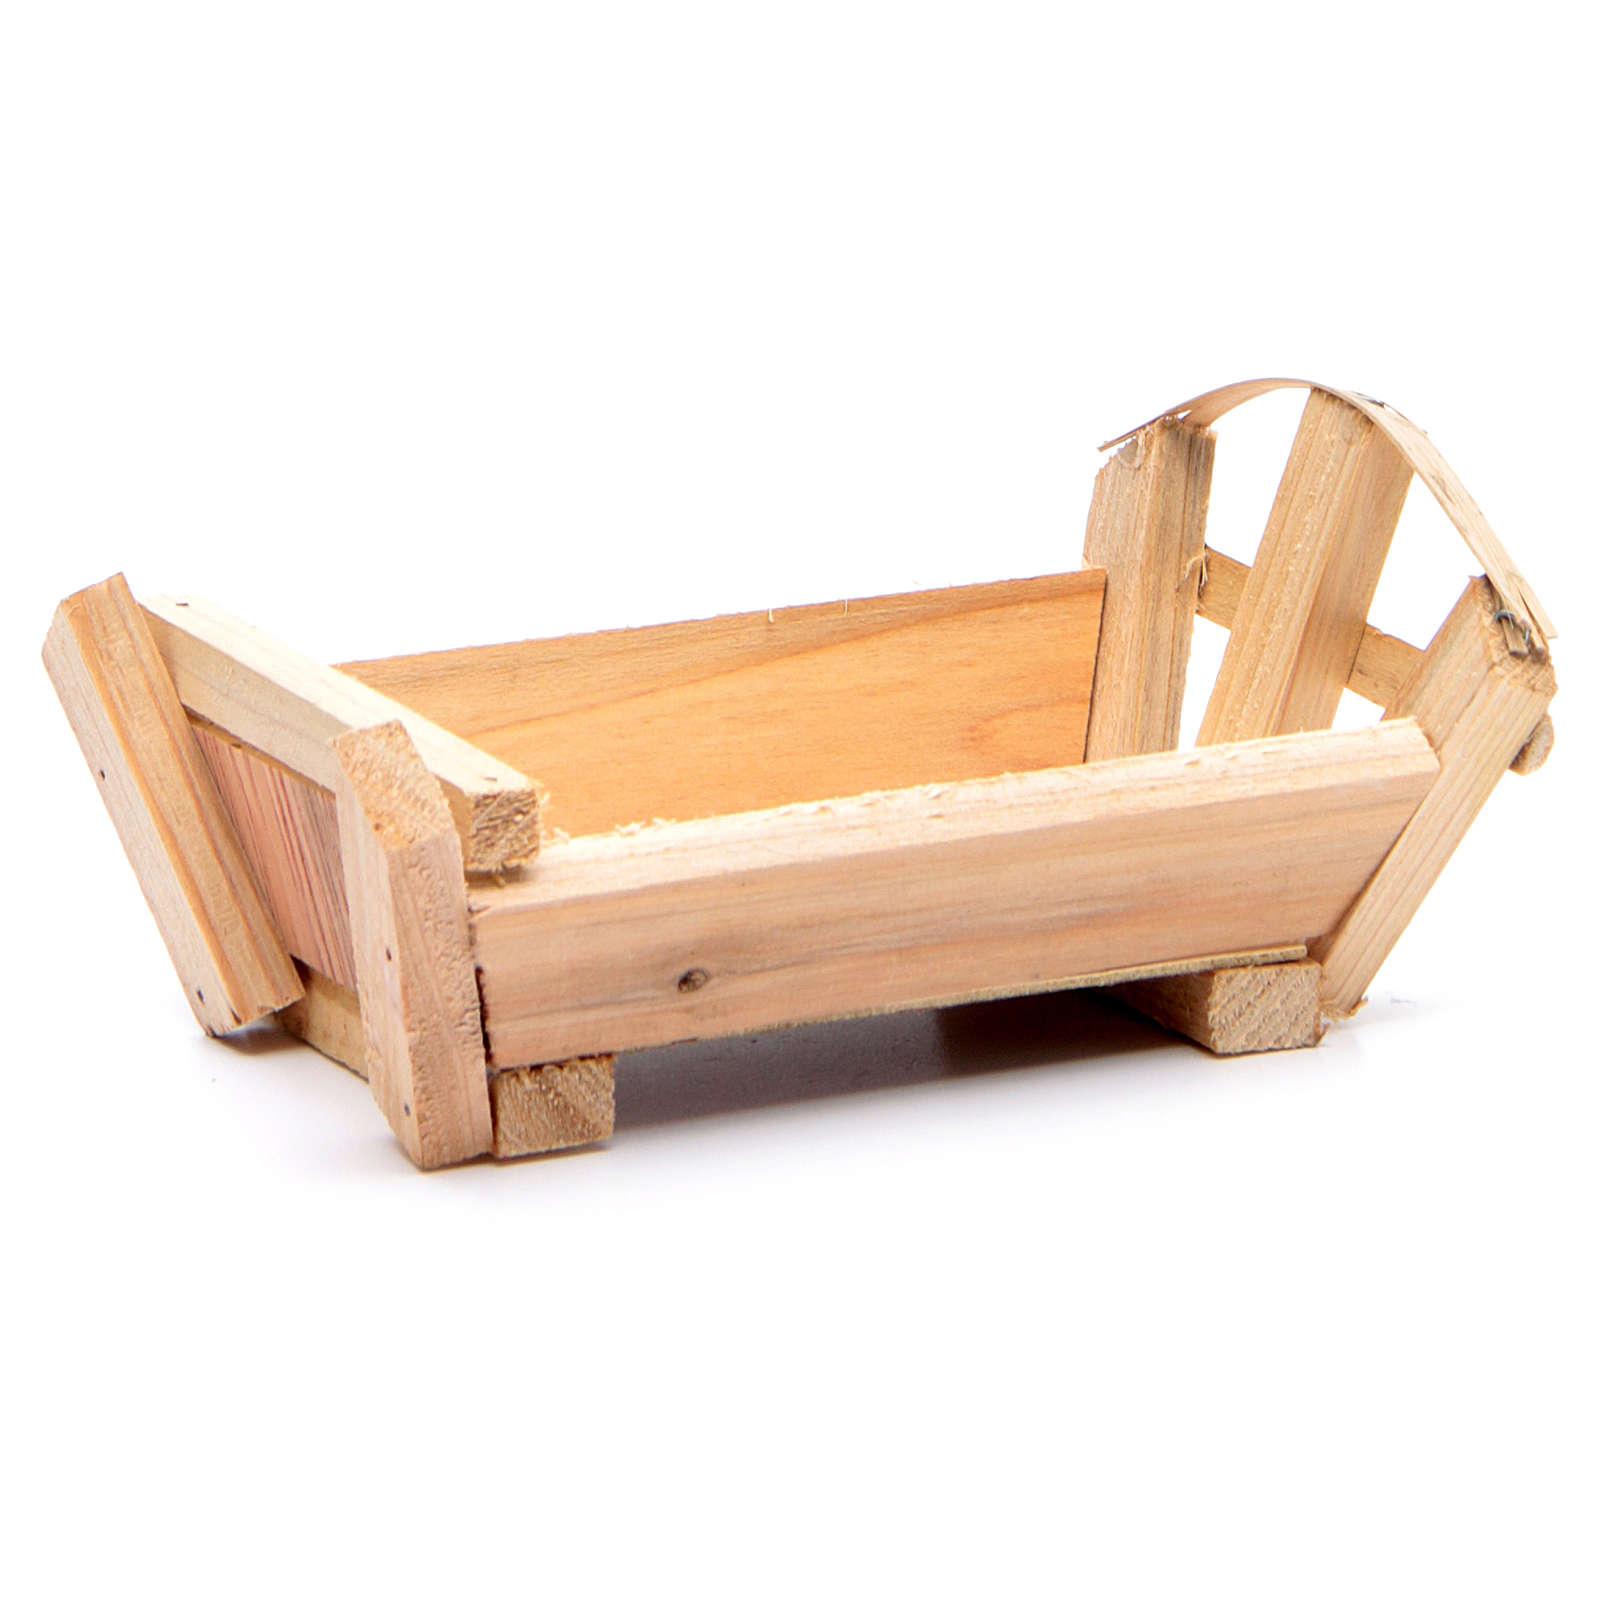 Berceau en bois 8x14x9 cm pour Enfant Jésus 3